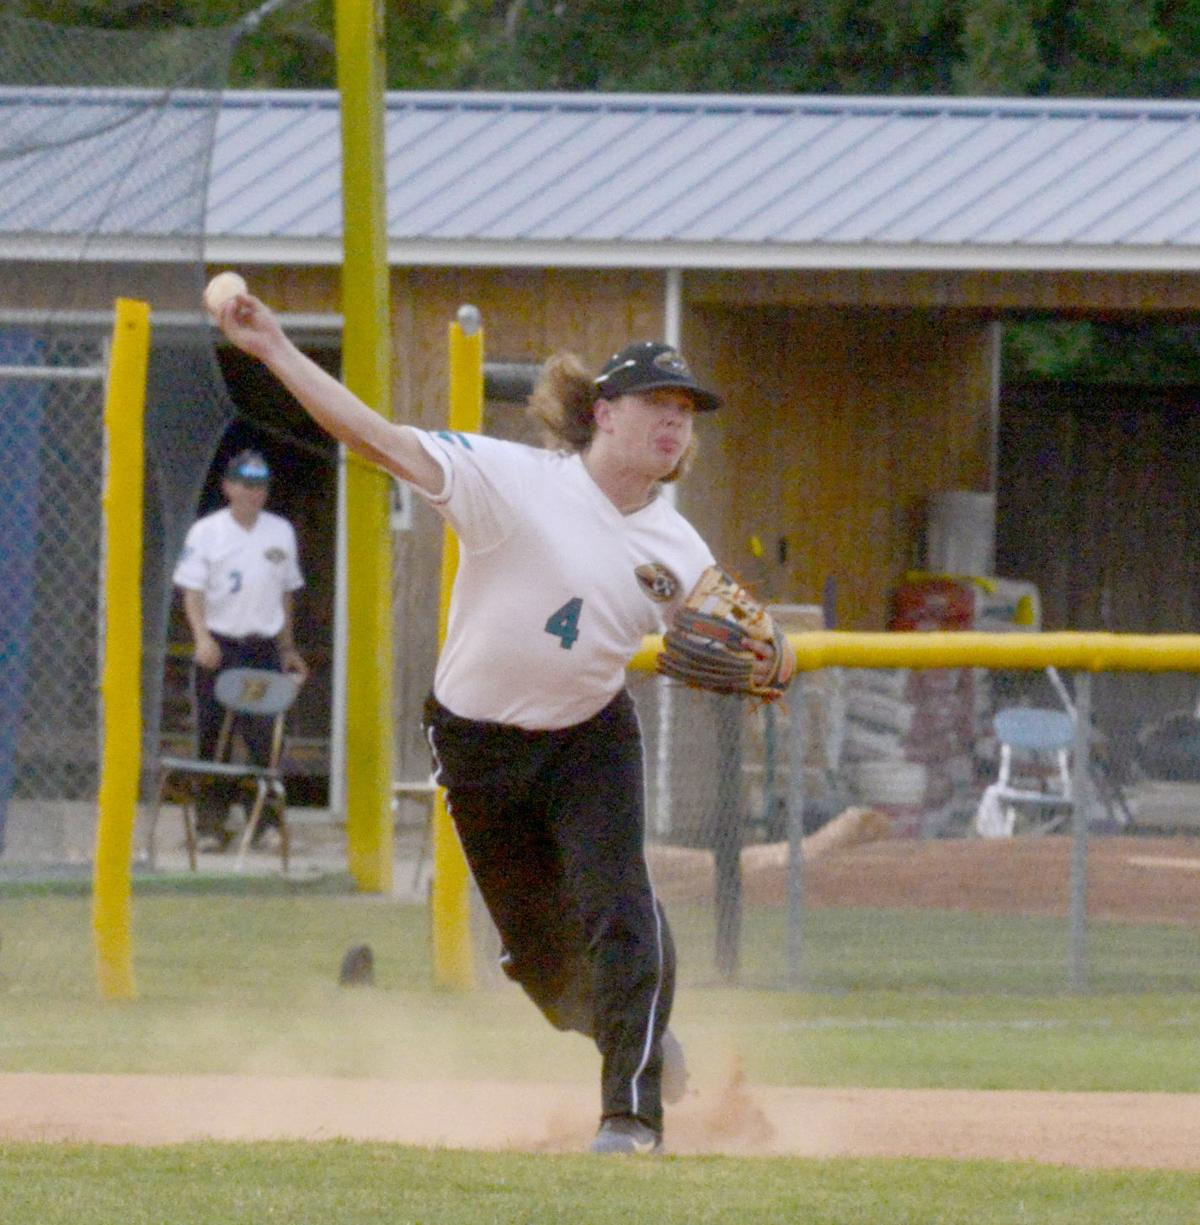 063020copeland_edenton_baseball.jpg